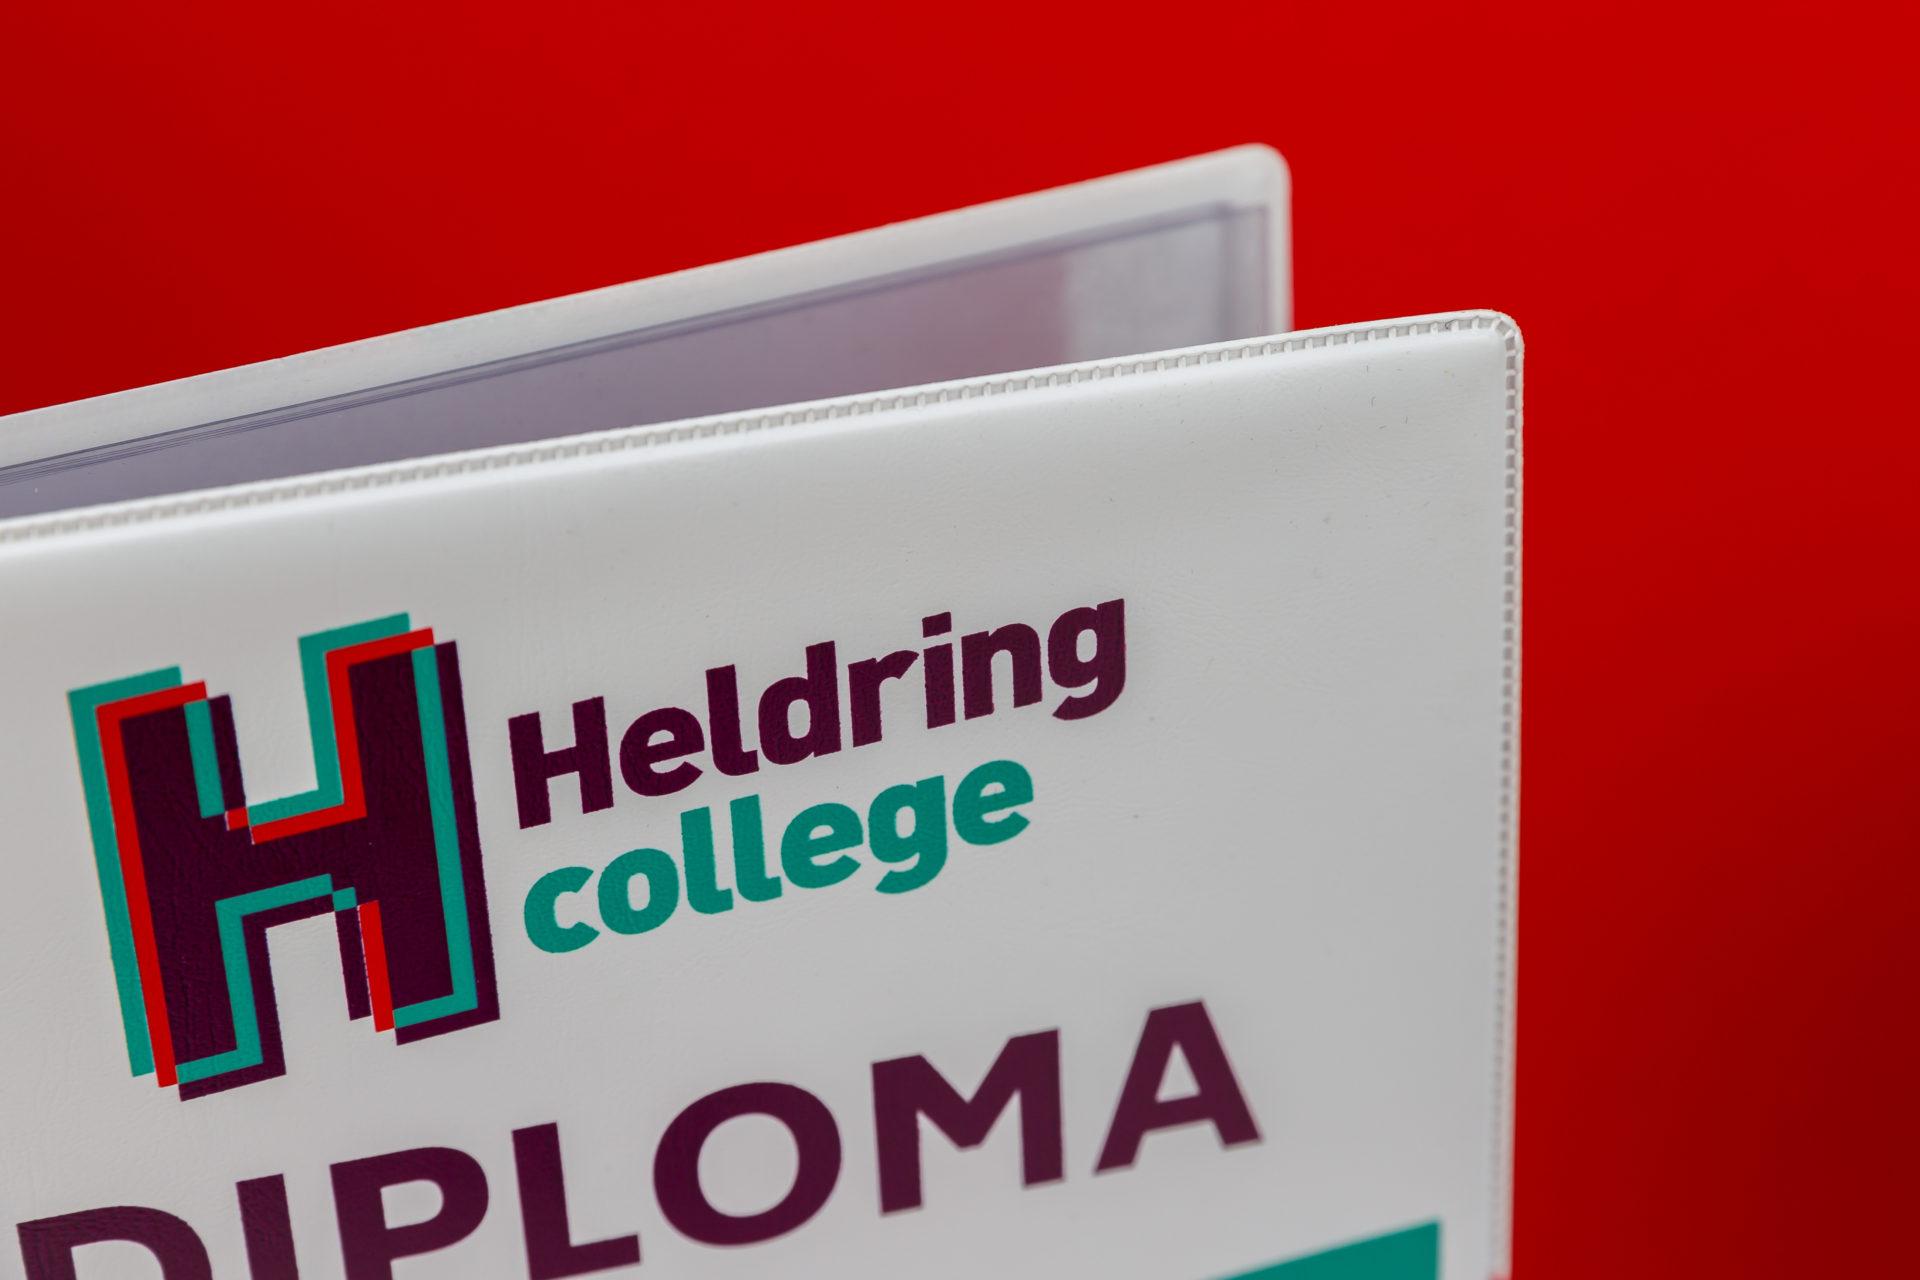 Diplomamap Heldring College